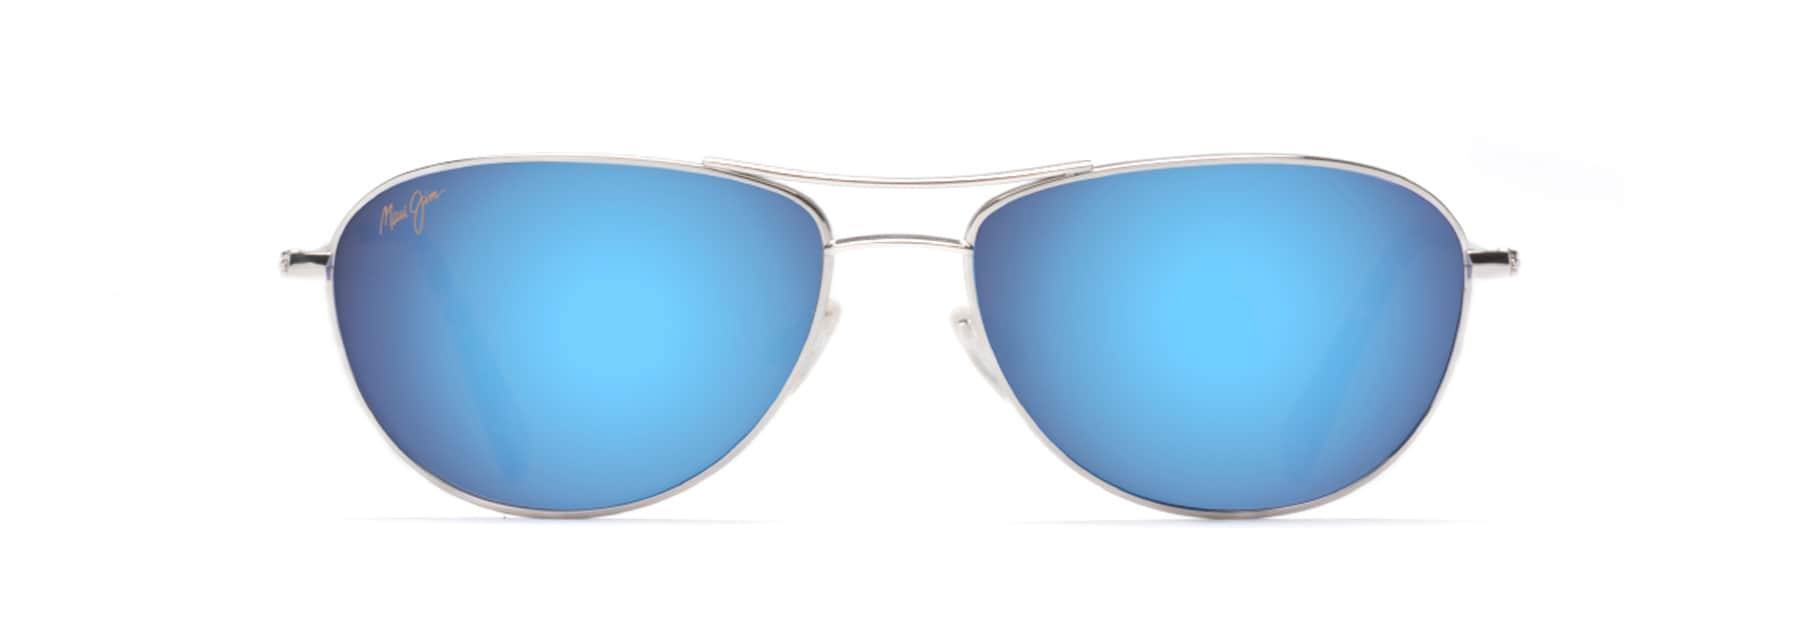 Baby Beach Polarized Sunglasses   Maui Jim® 3fa7552a495c